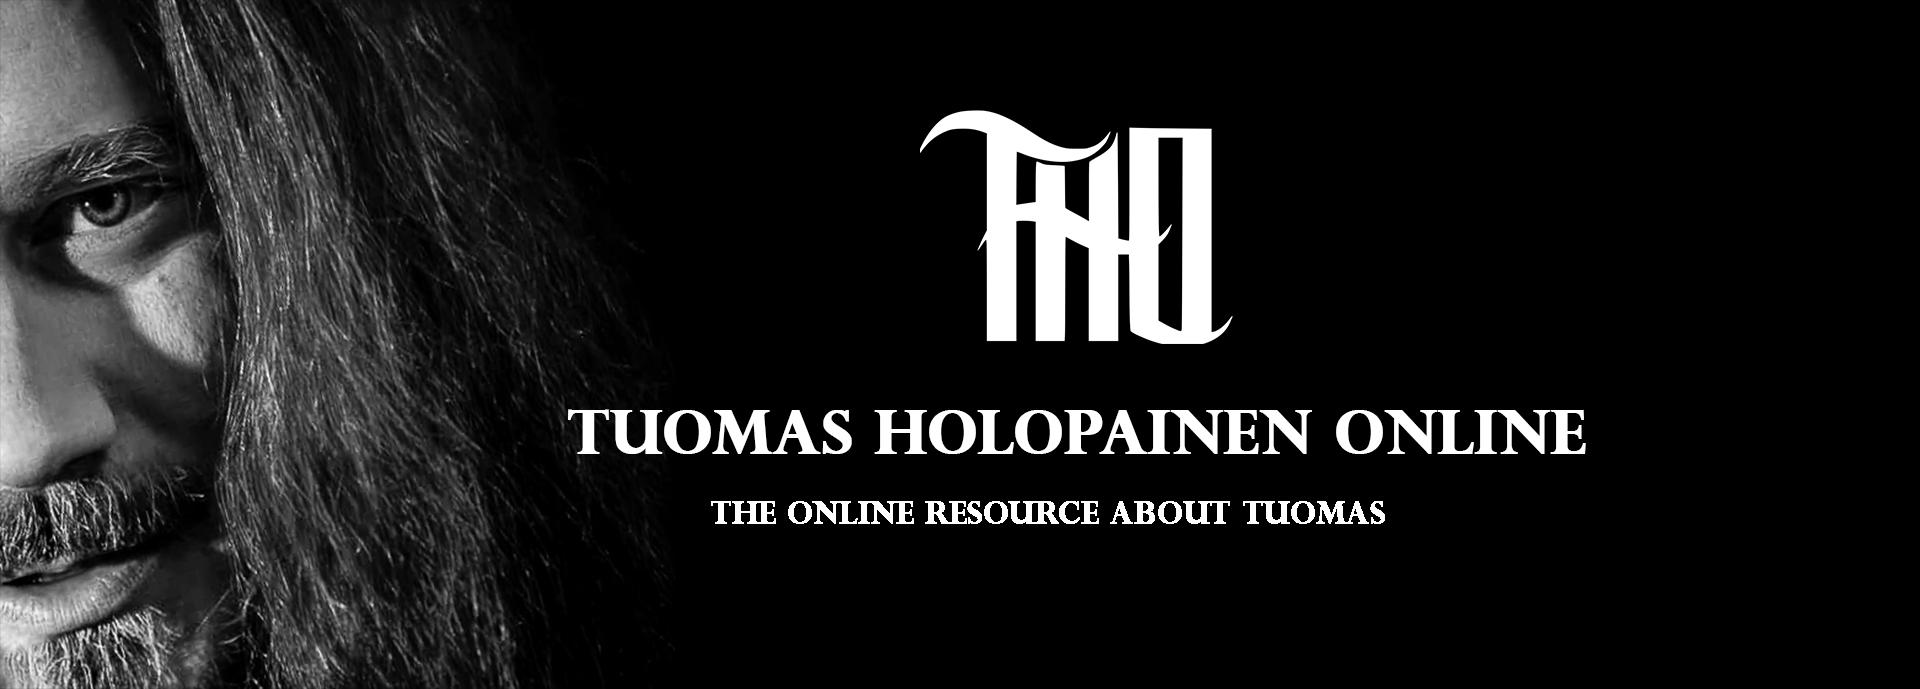 Tuomas Holopainen Online